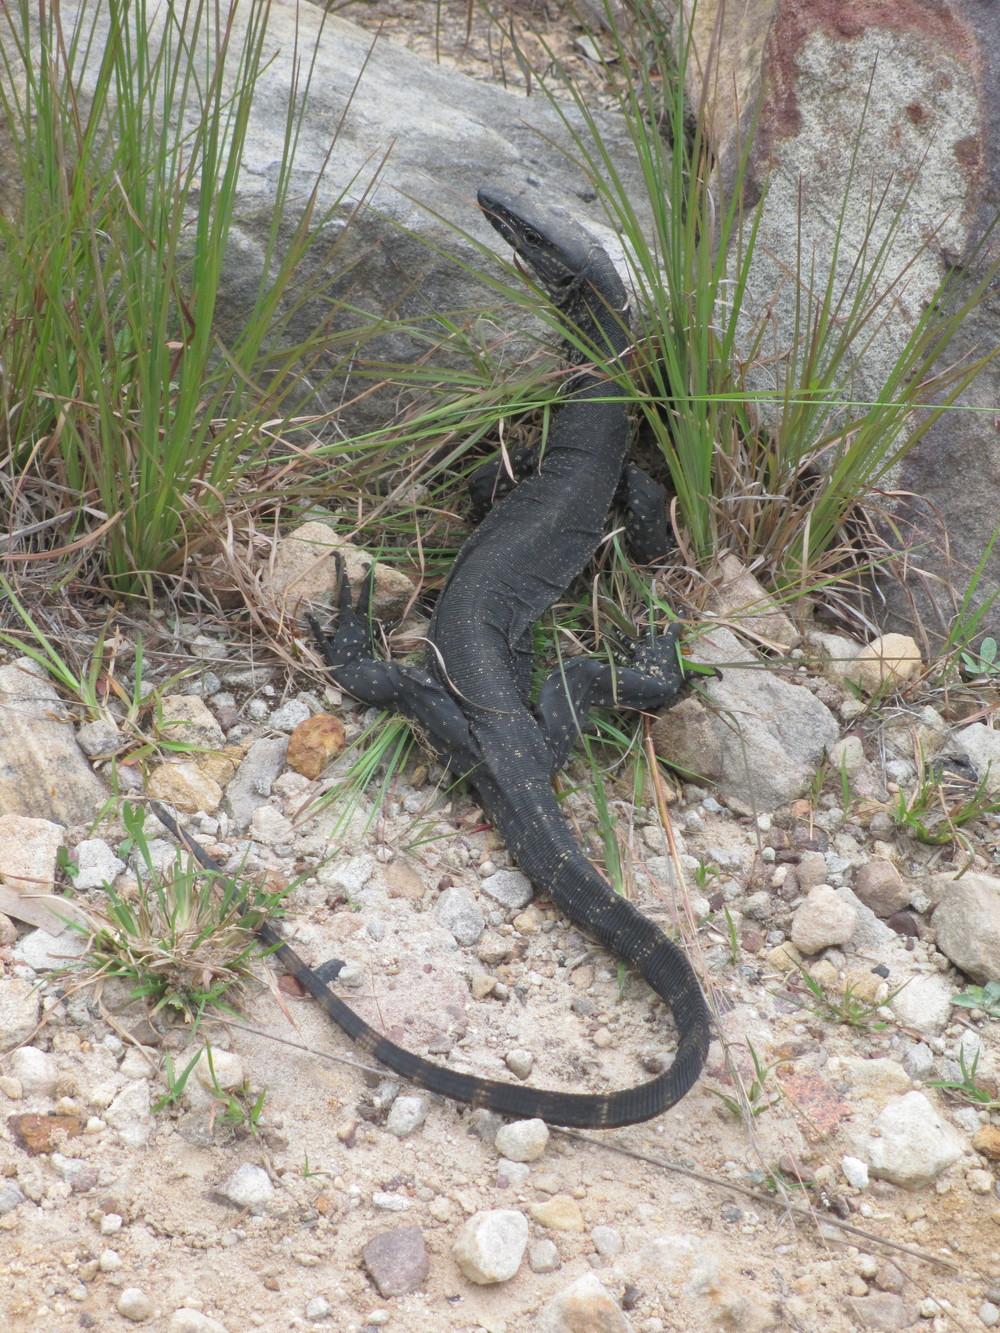 Cool black lizard, about 2 feet long.